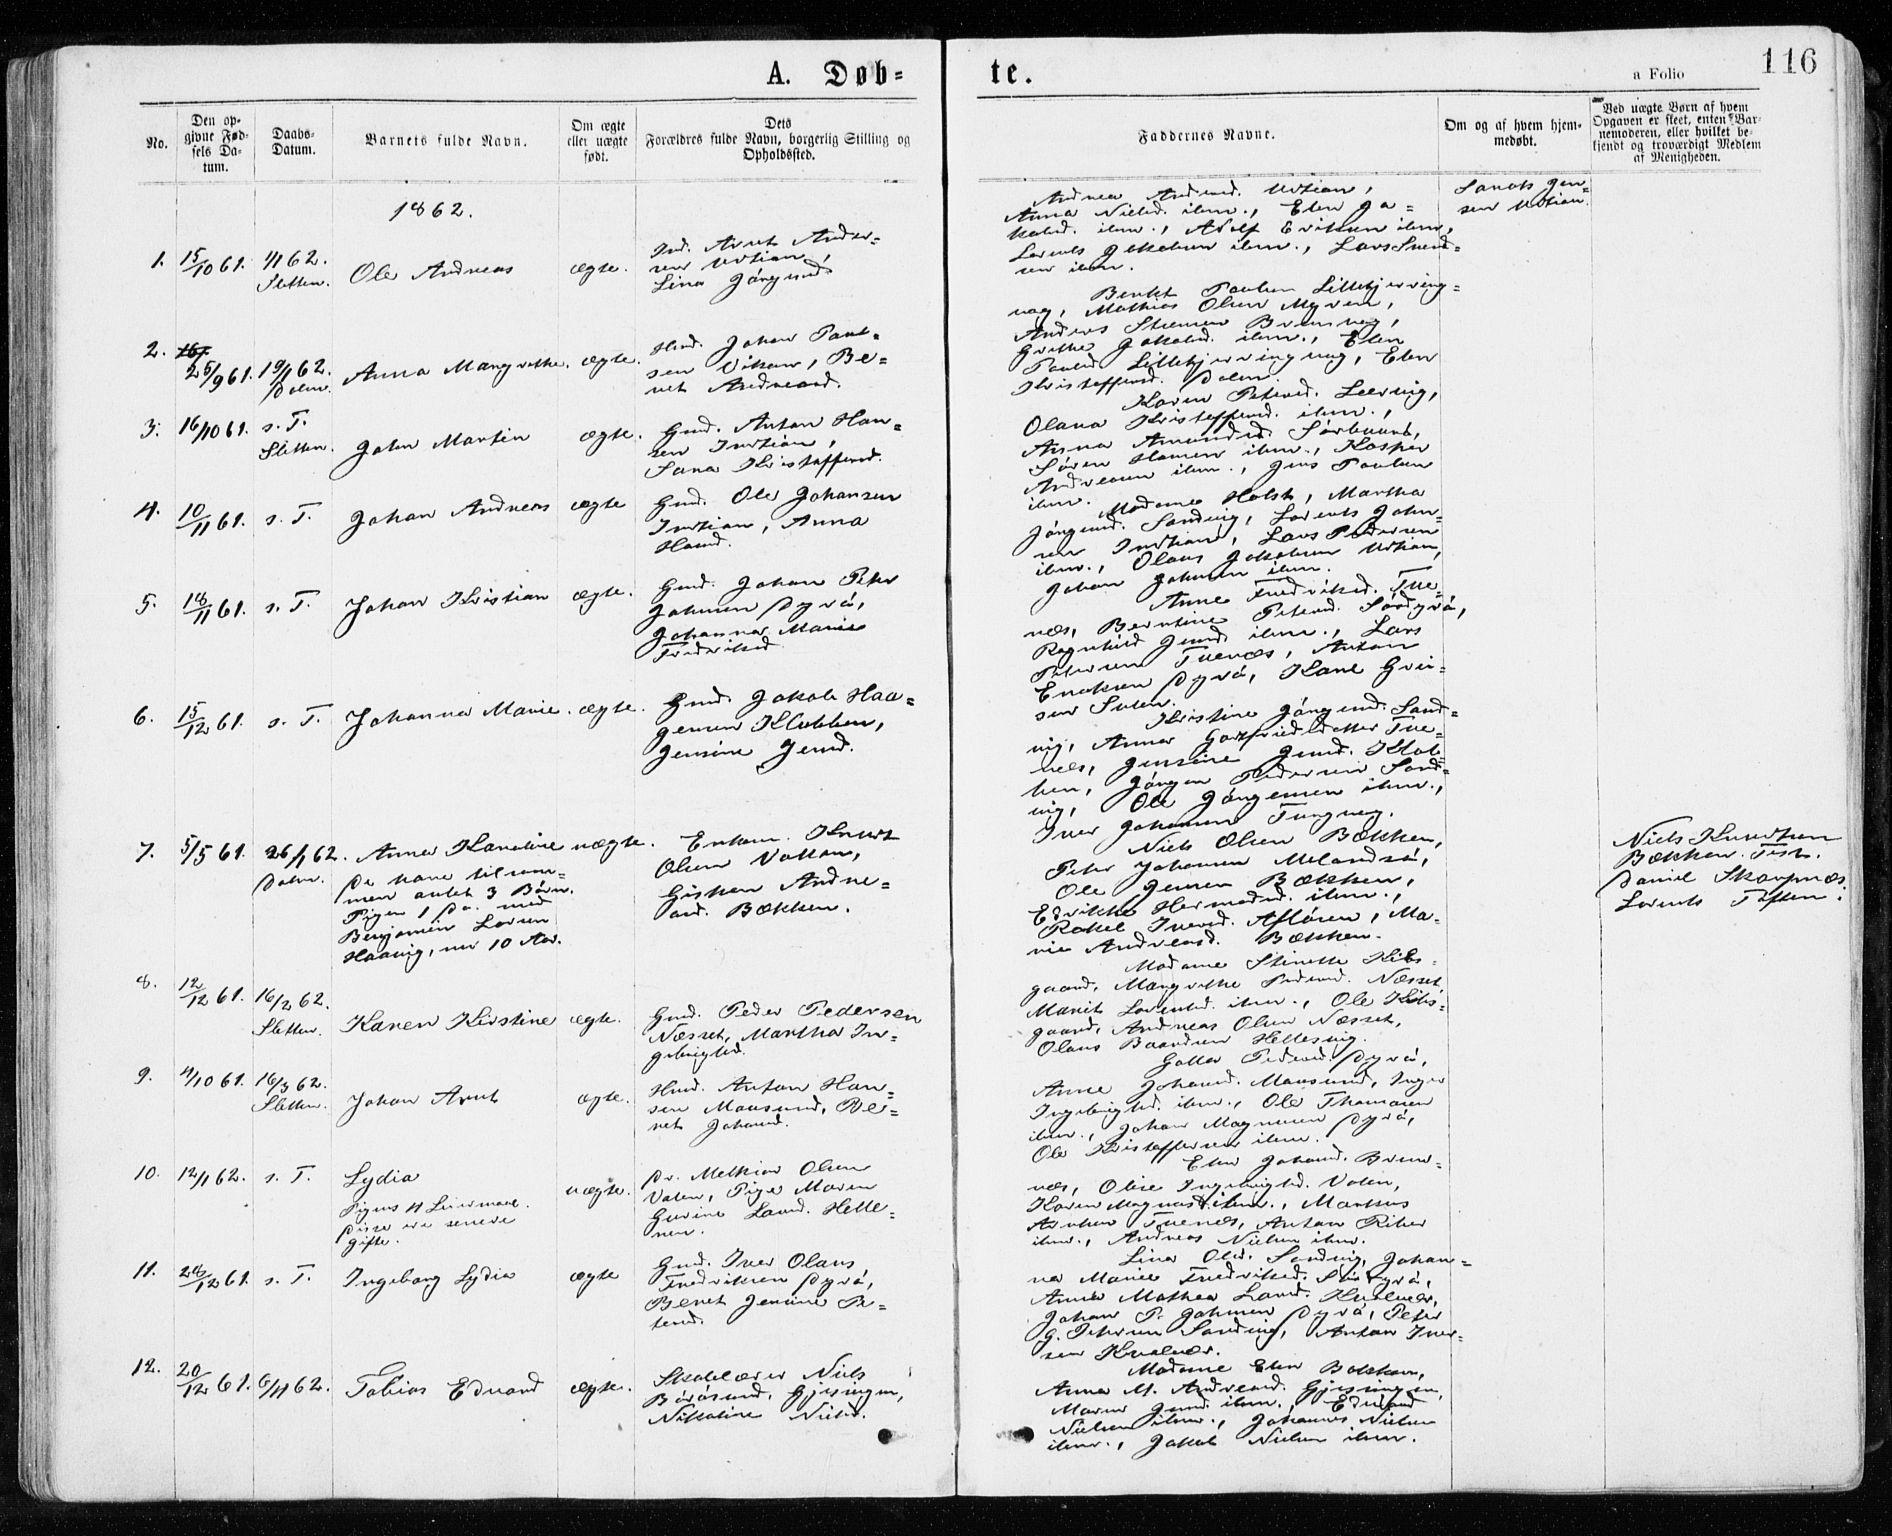 SAT, Ministerialprotokoller, klokkerbøker og fødselsregistre - Sør-Trøndelag, 640/L0576: Ministerialbok nr. 640A01, 1846-1876, s. 116